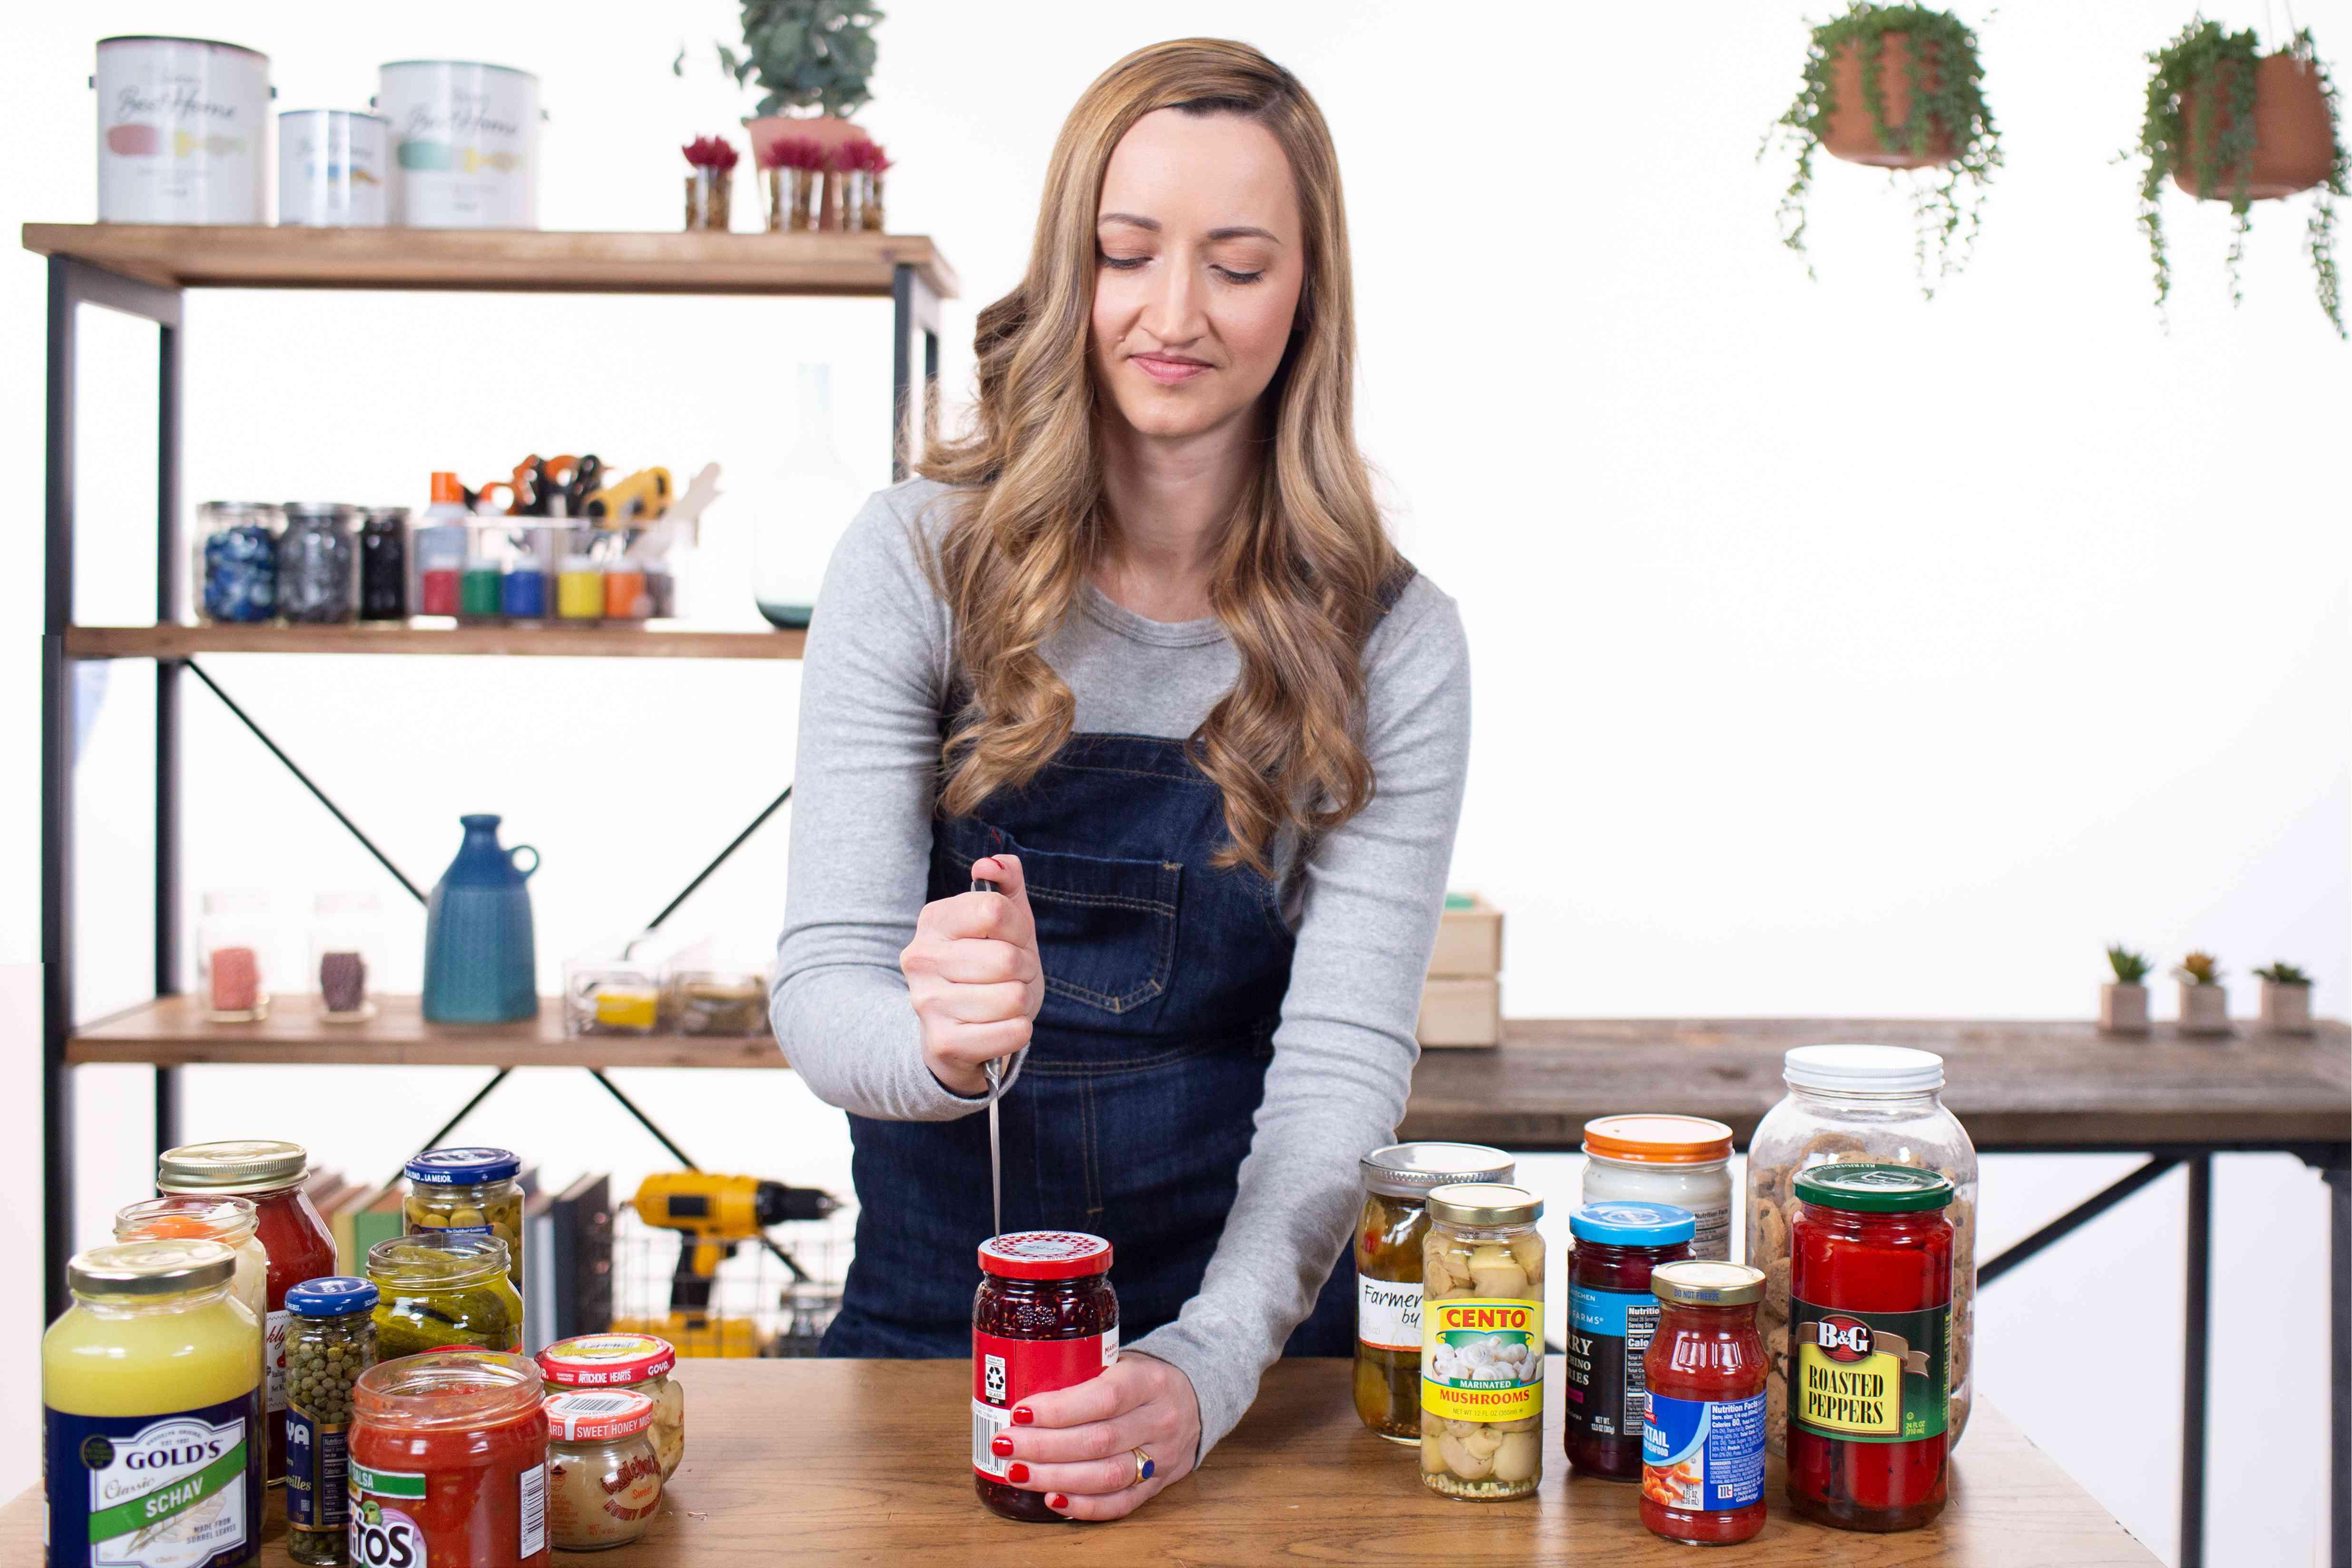 melanie using the knife method of opening jars